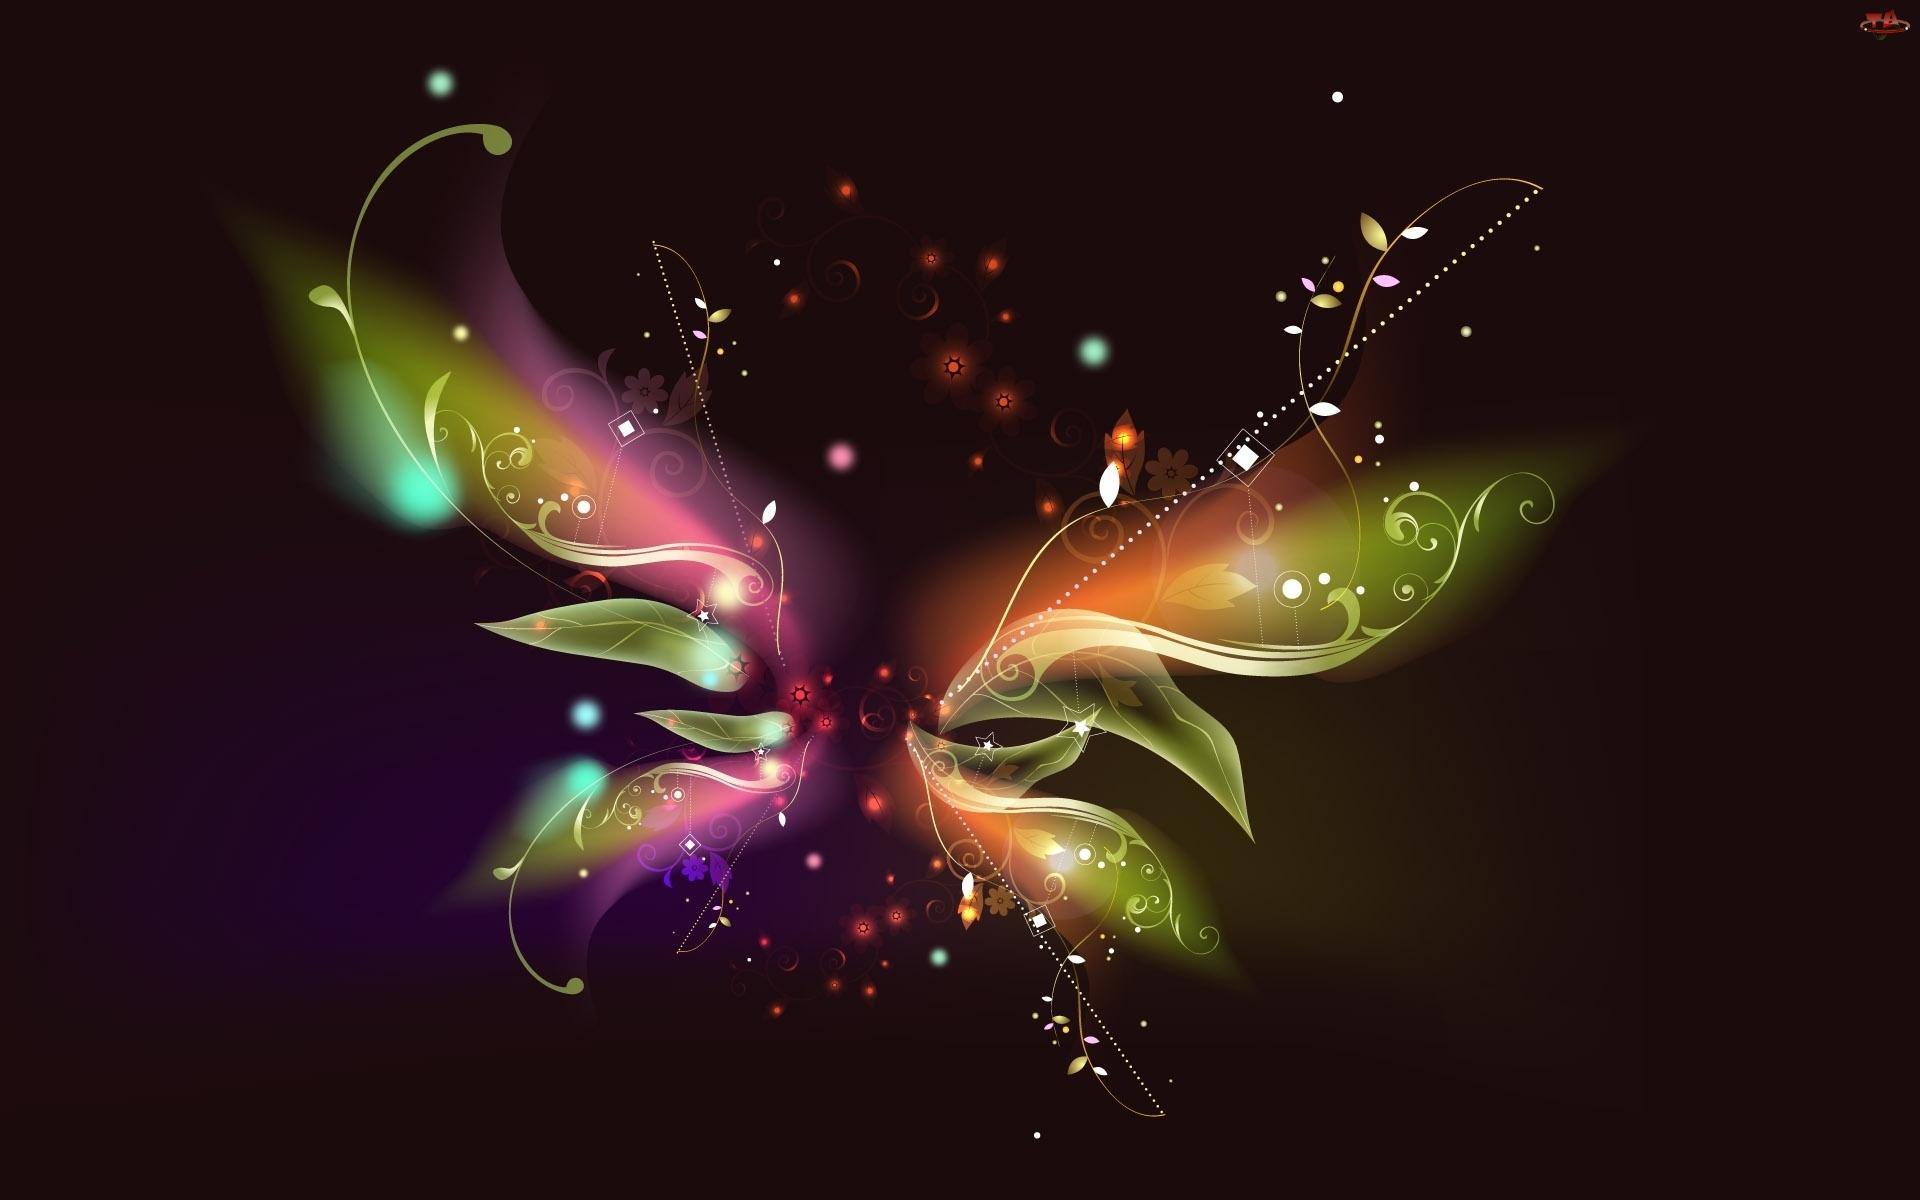 Światła, Motyl, Kolory, Abstrakcja, Smuga